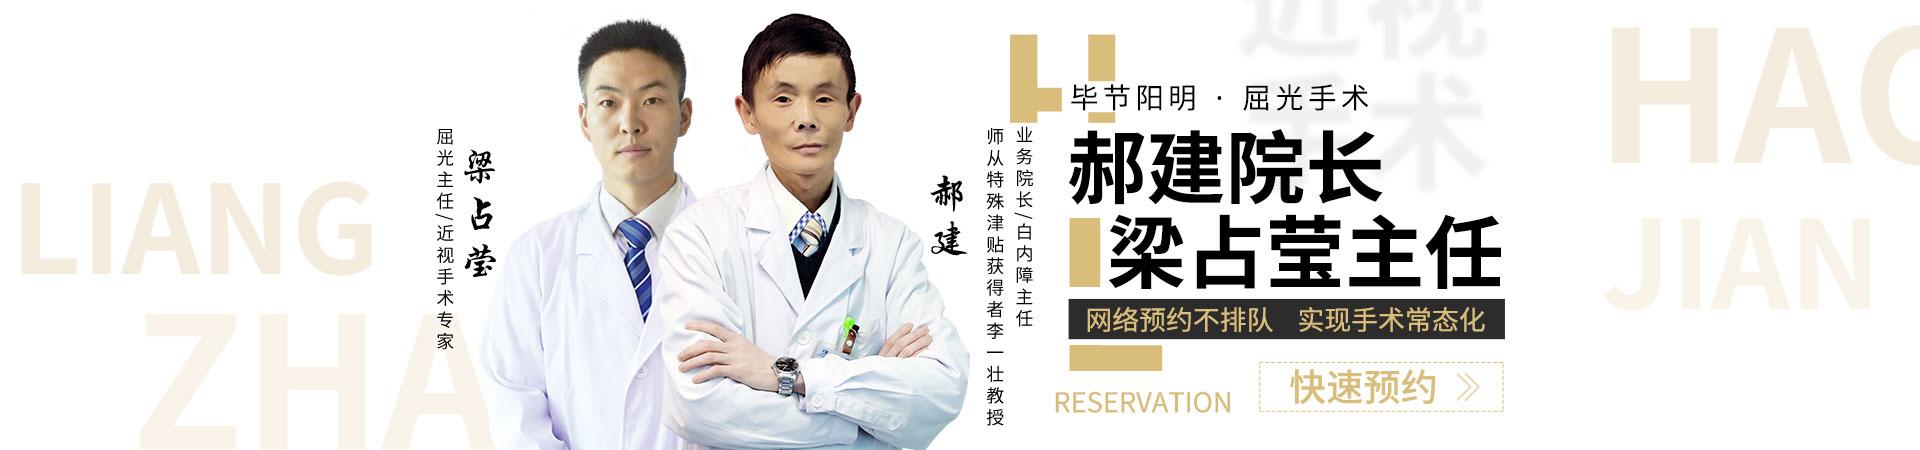 医生banner